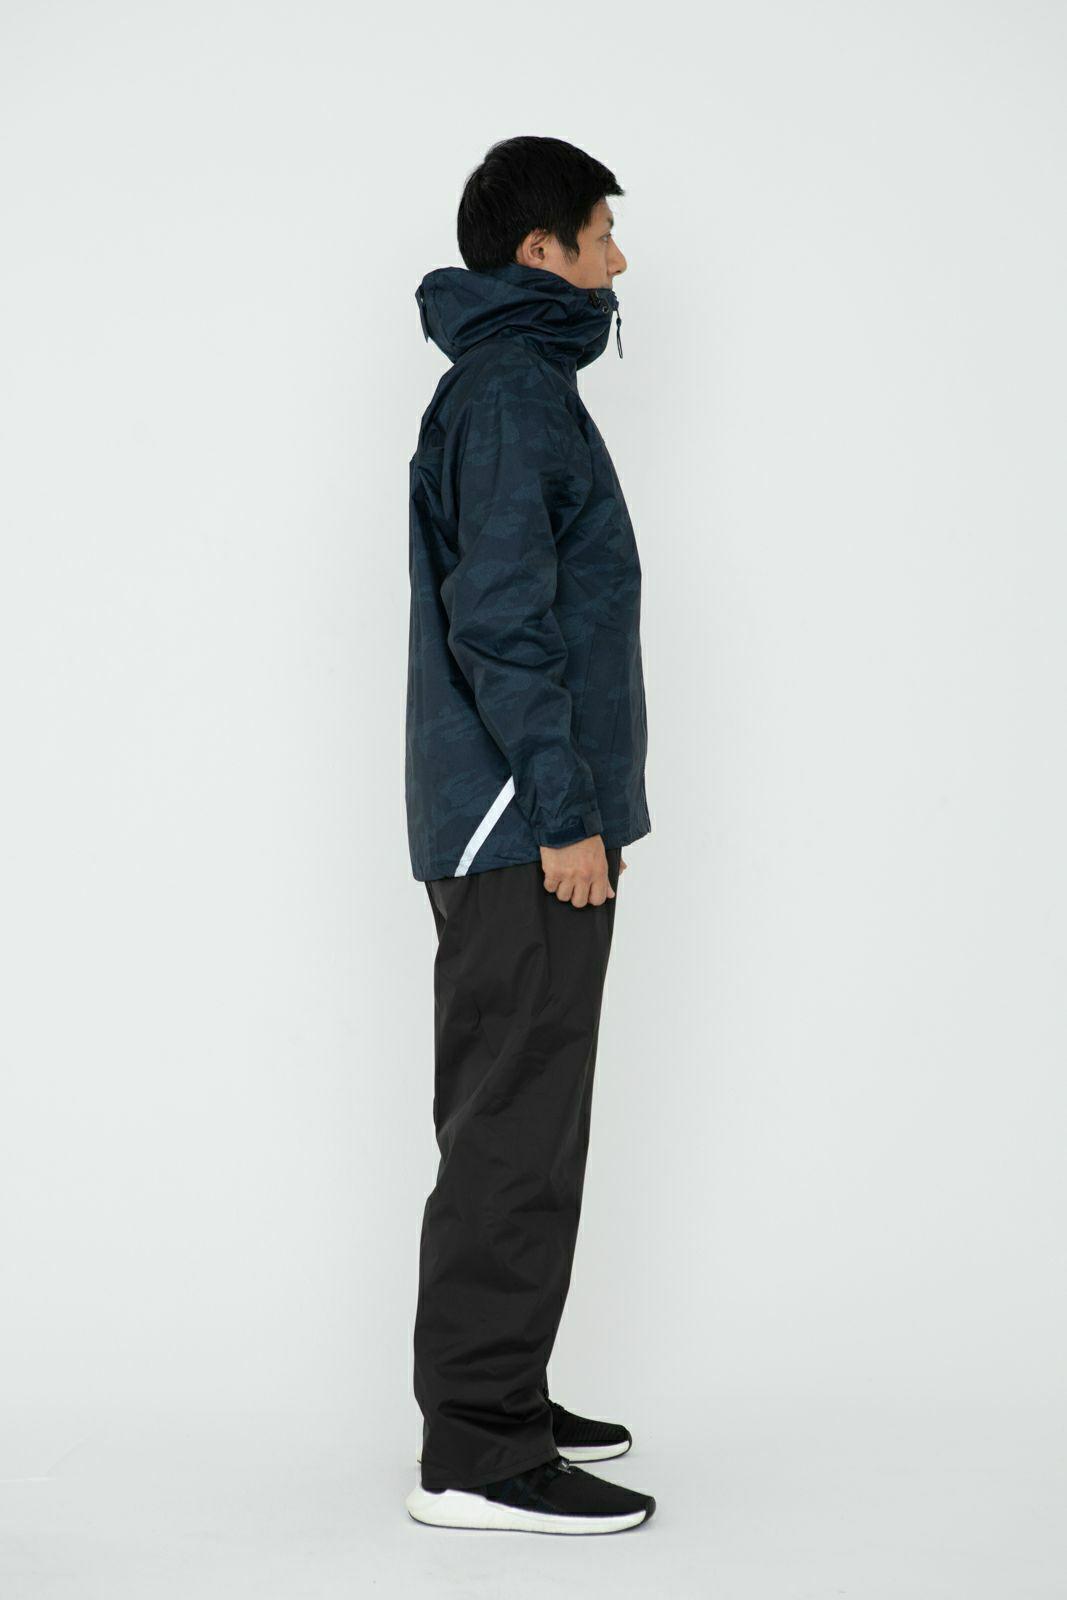 詳細:着用イメージ 側転 [男性モデルのサイズ]身長:174cm 着用サイズ:L